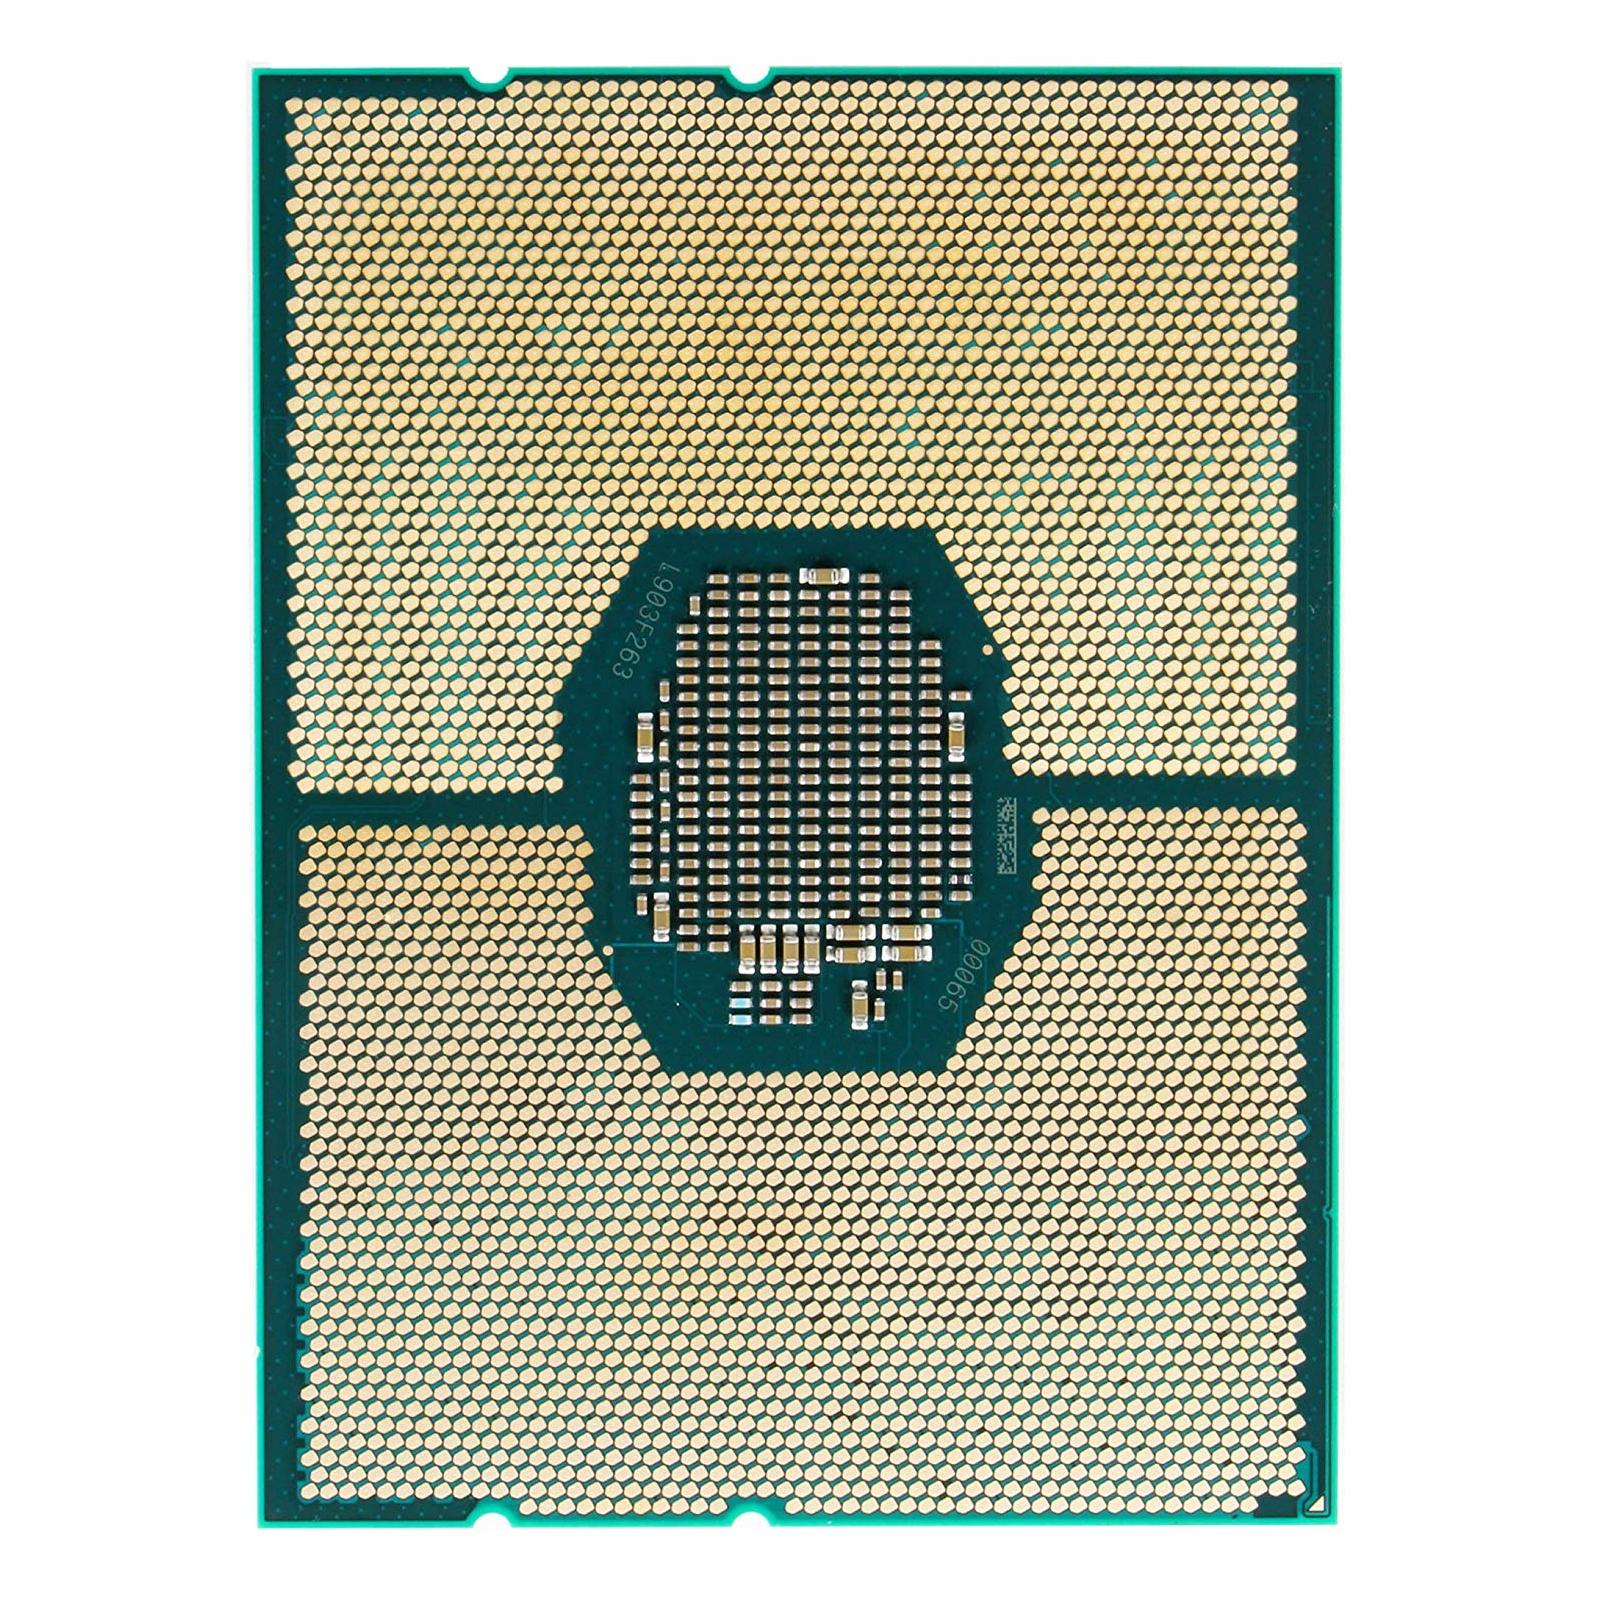 Процессор серверный Supermicro Xeon Silver 4110 8C/16T/2.10GHz/11MB/FCLGA3647 (P4X-SKL4110-SR3GH) изображение 2